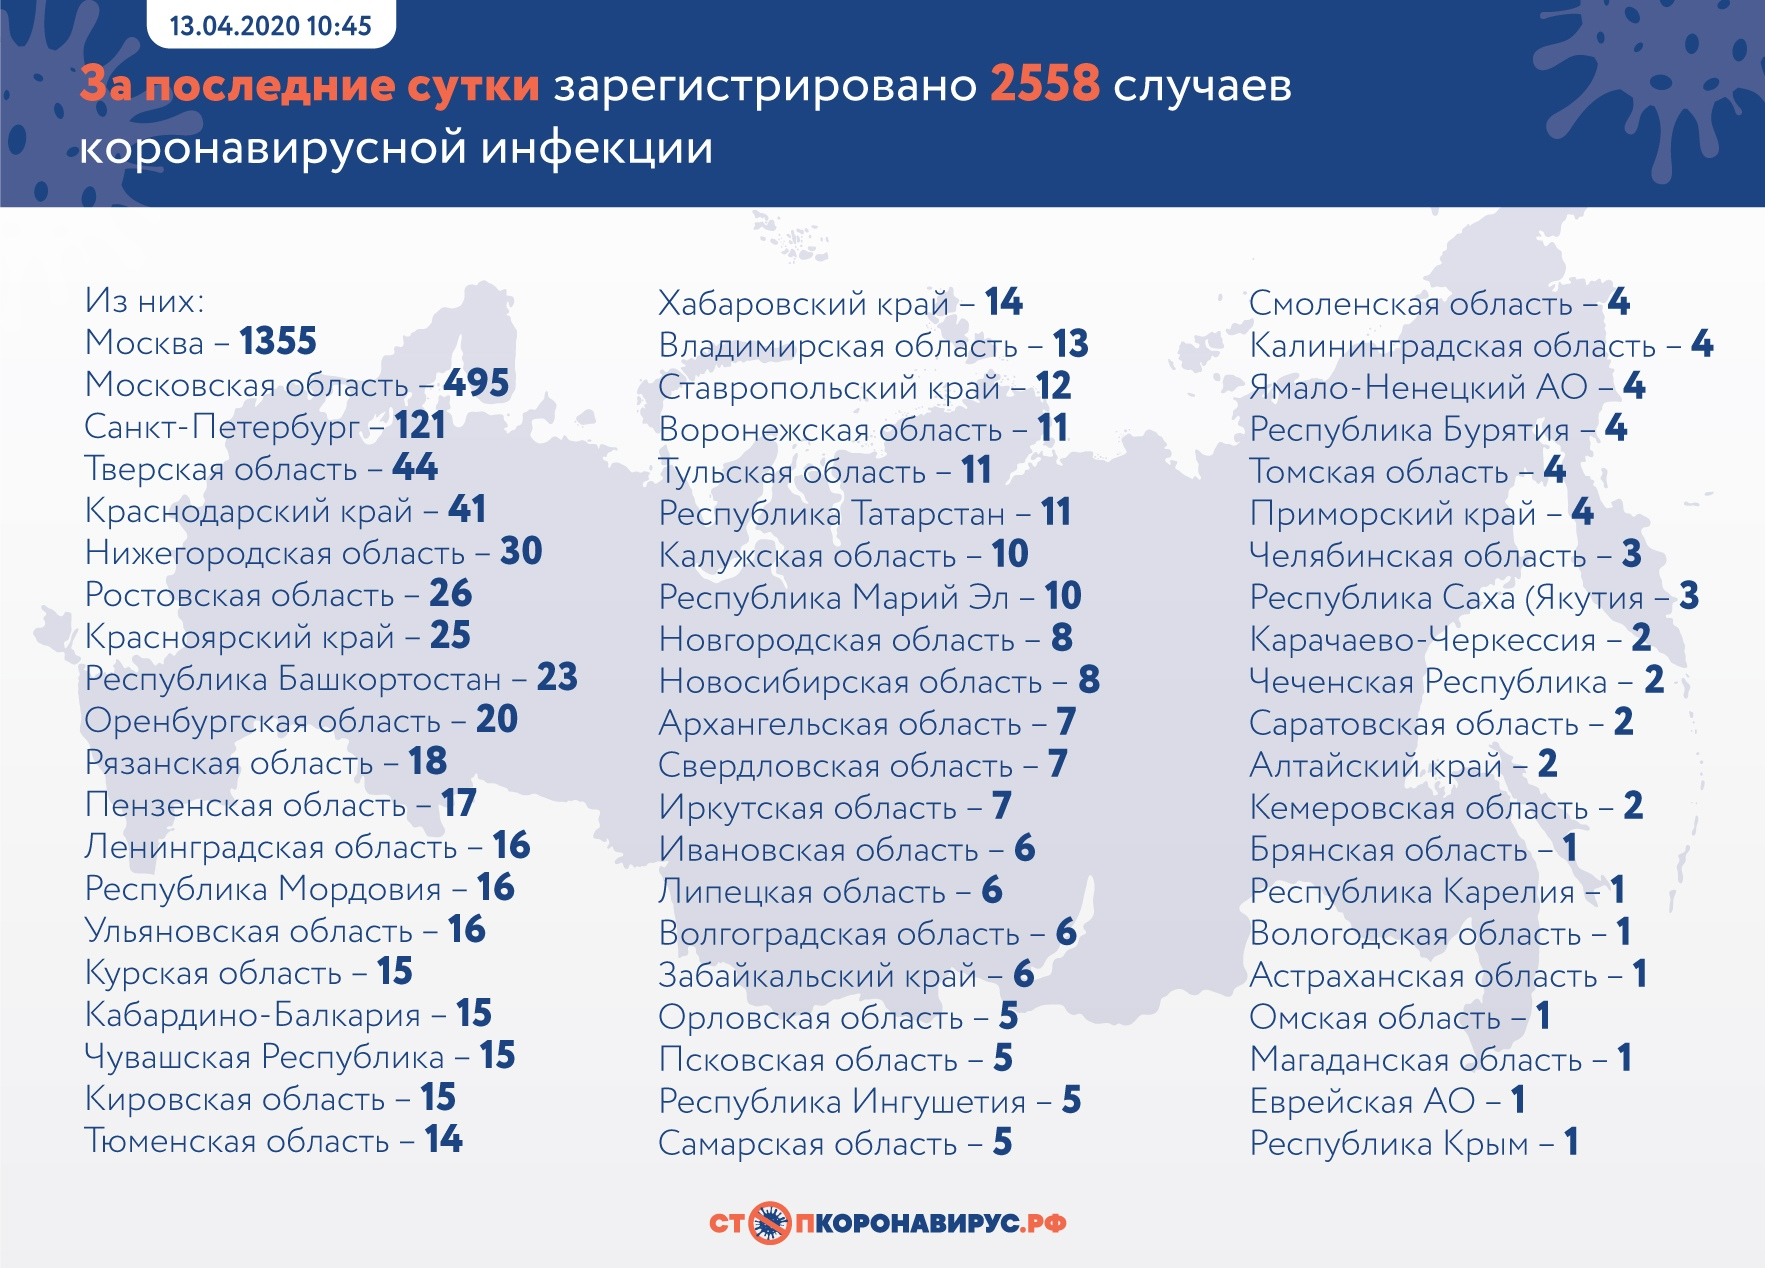 В Самарской области за сутки выявили 5 заболевших коронавирусом